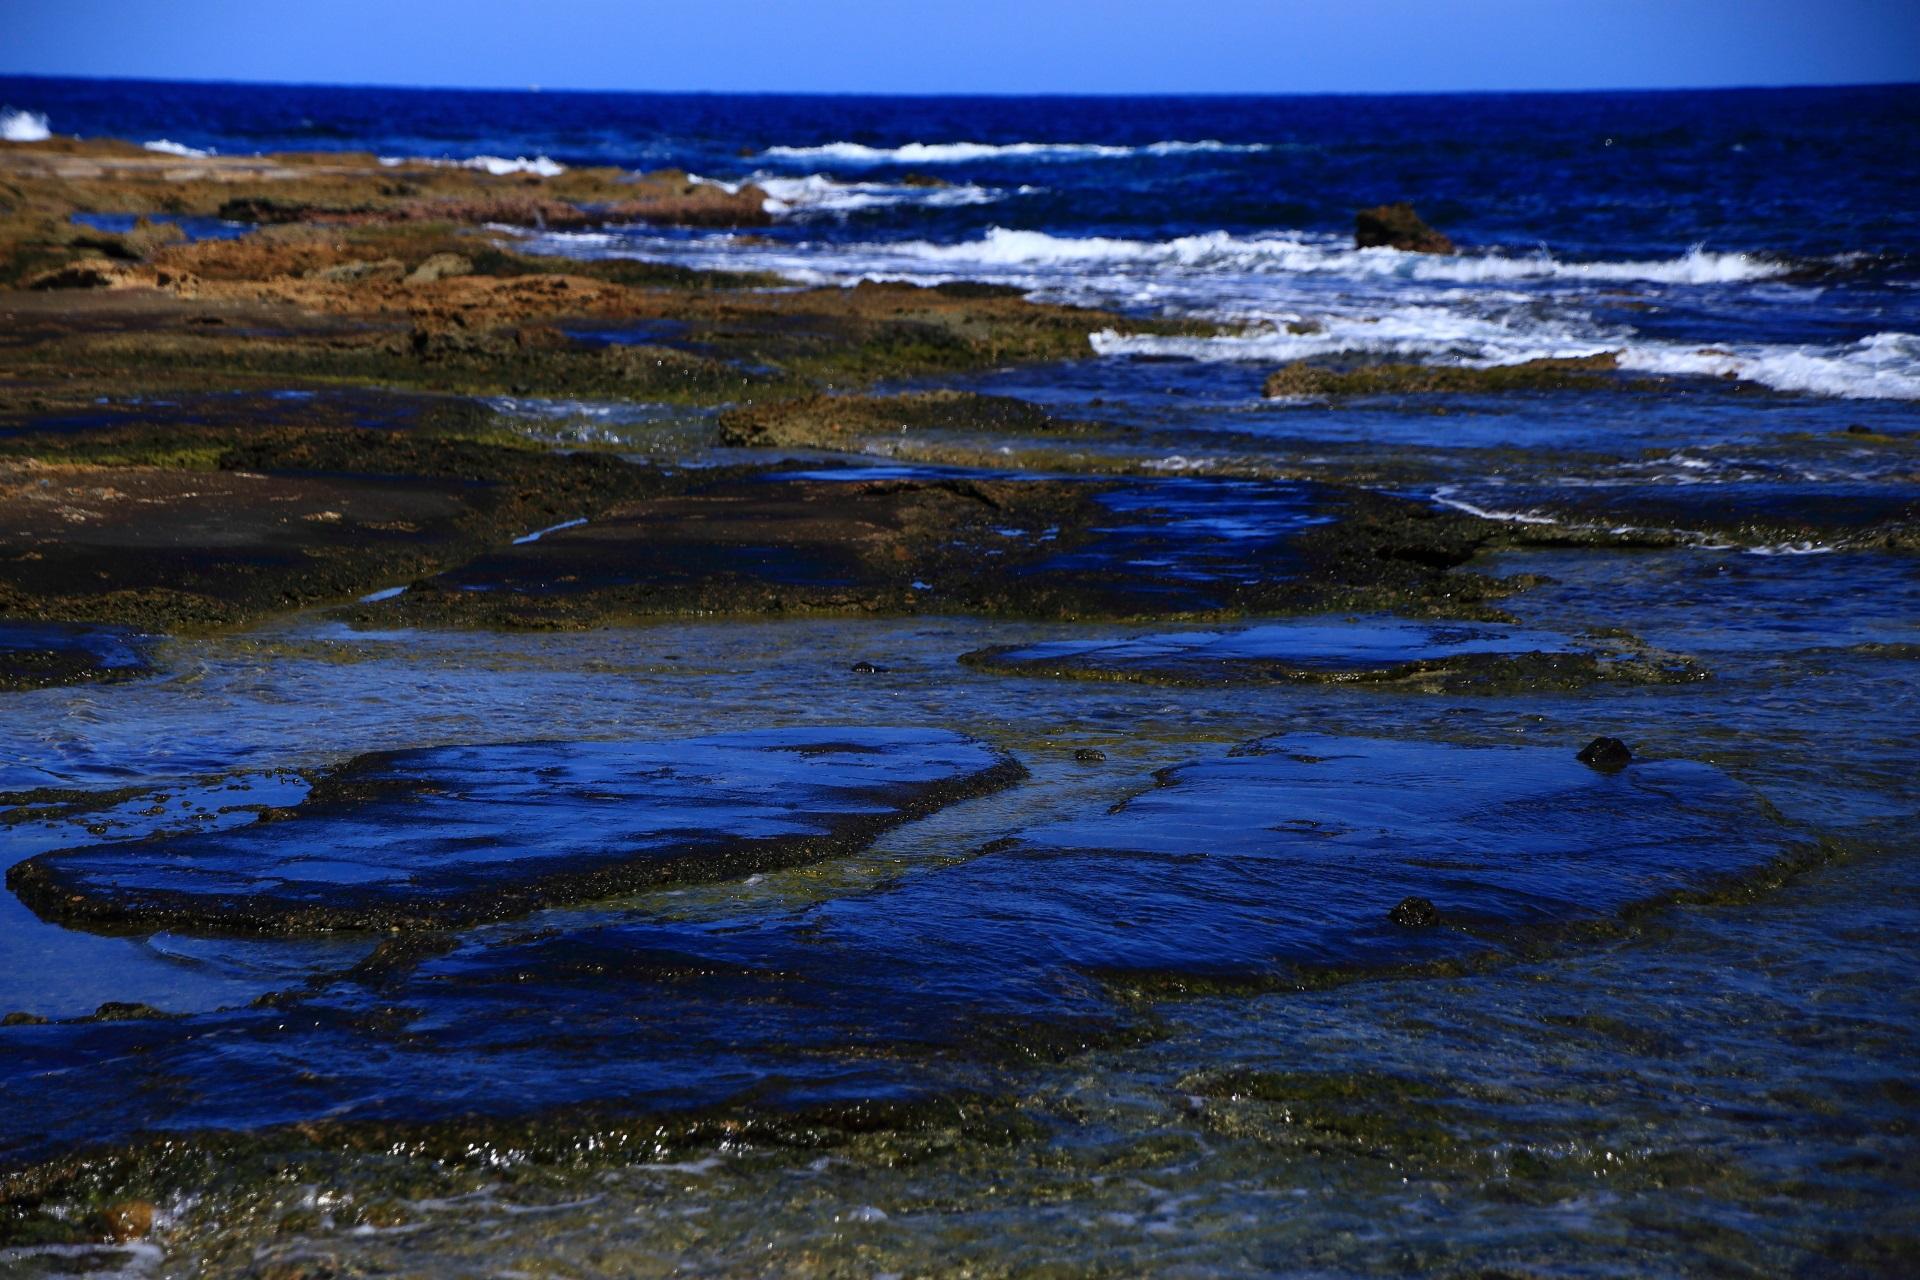 五色浜の青い空を映し出す美しい岩場と日本海